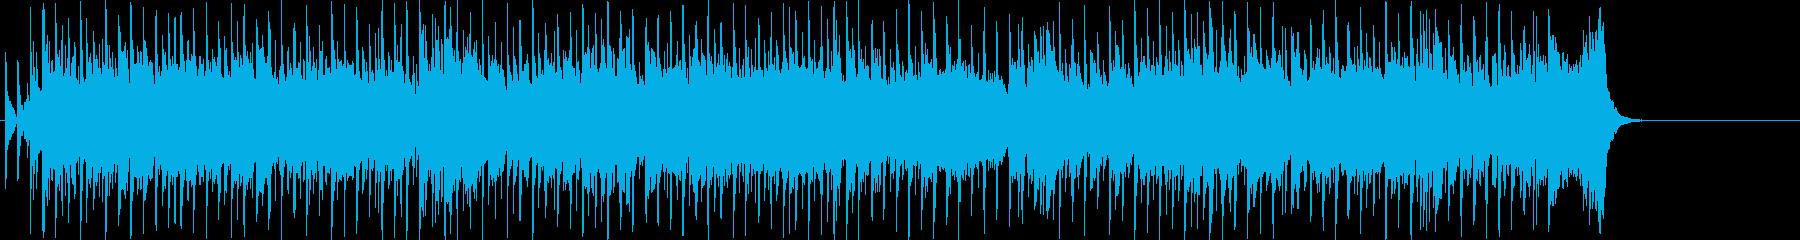 オープニング 挑戦 前進 テーマ 躍動の再生済みの波形